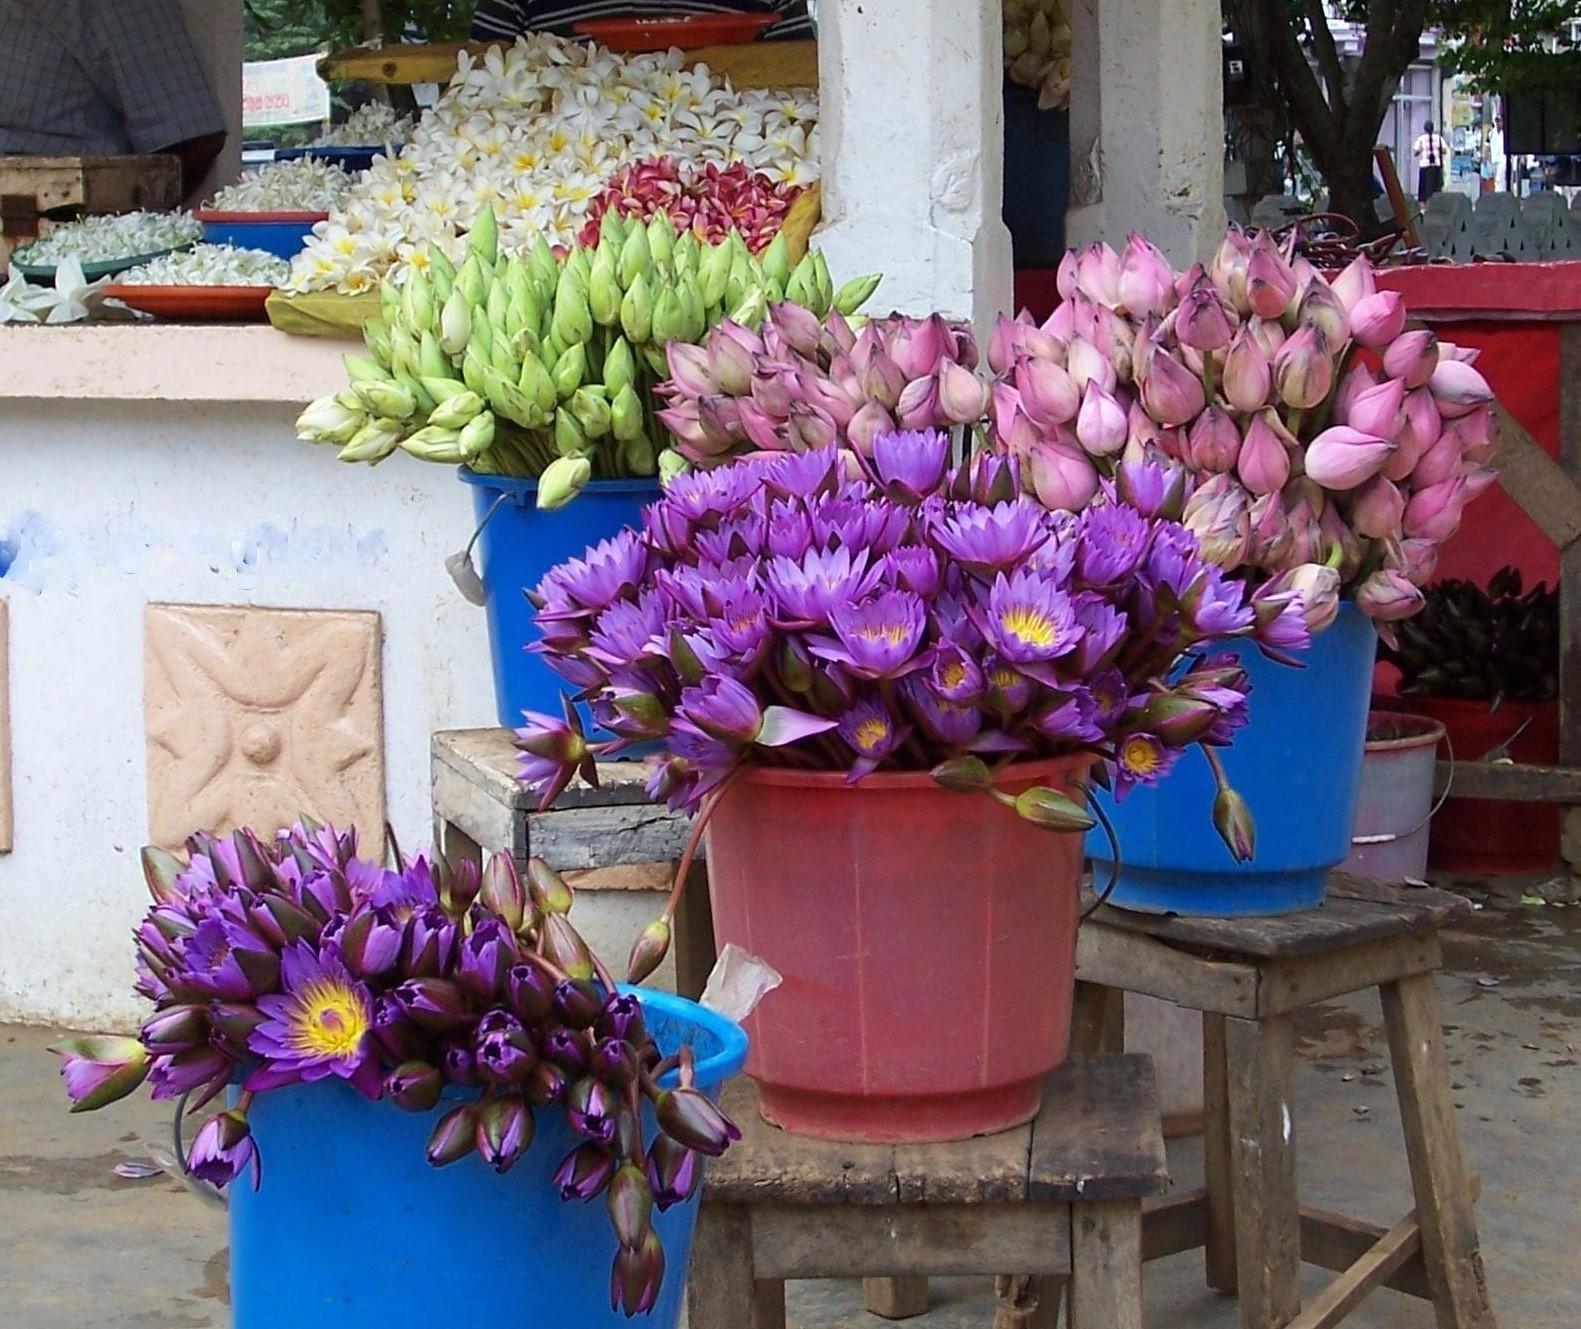 Verkauf von Tempelblumen im Muthiyangana Raja Maha Viharaya - Badulla